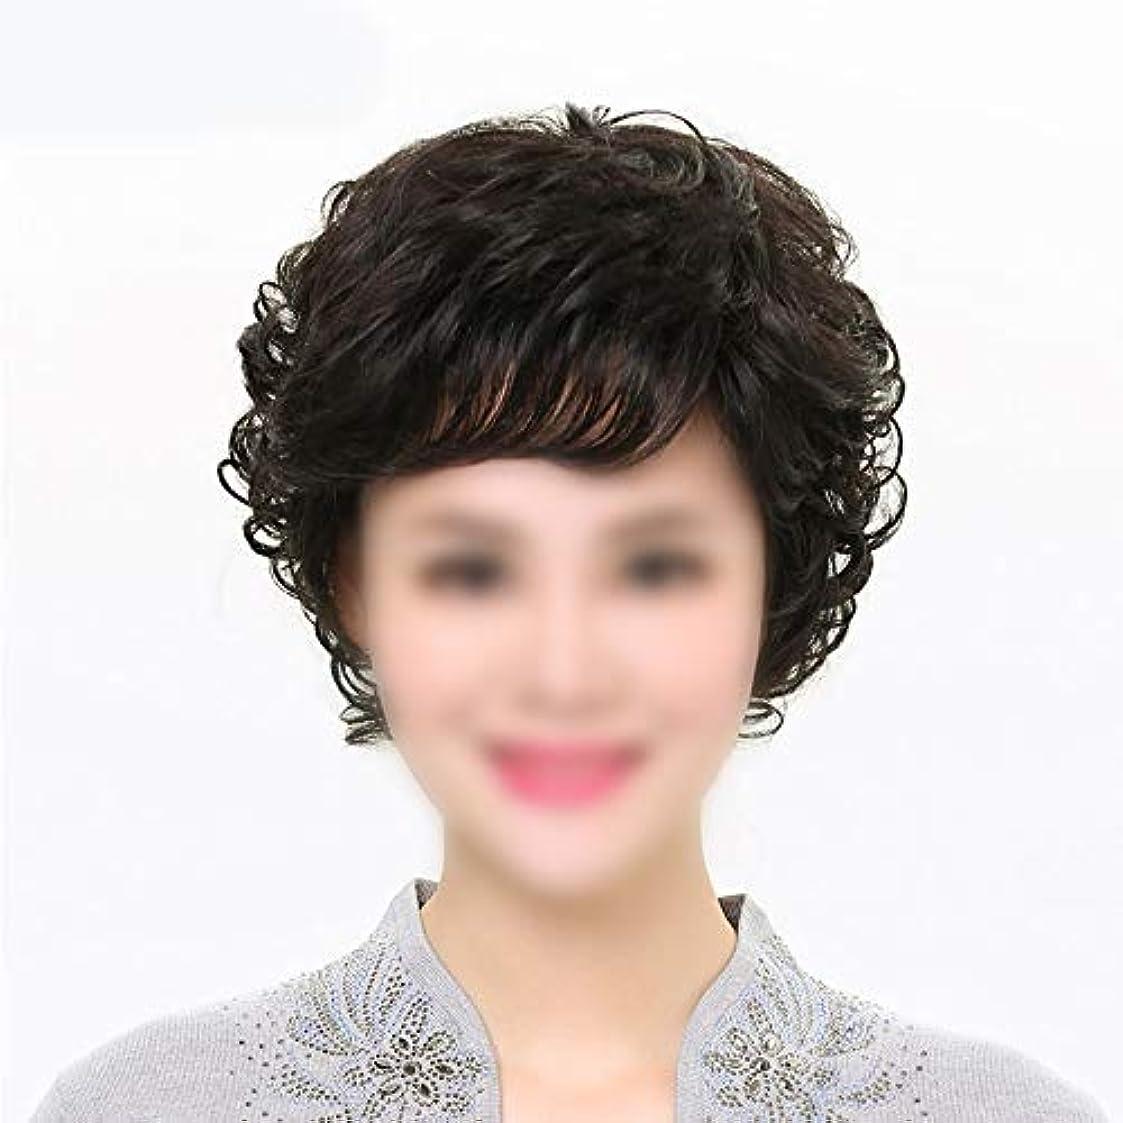 みぞれペインギリックファーザーファージュYOUQIU 母ヘアウィッグ中年ウィッグウィッグのために前髪を持つ女性の本当の髪のショートカーリーヘア (色 : 黒, Edition : Mechanism)